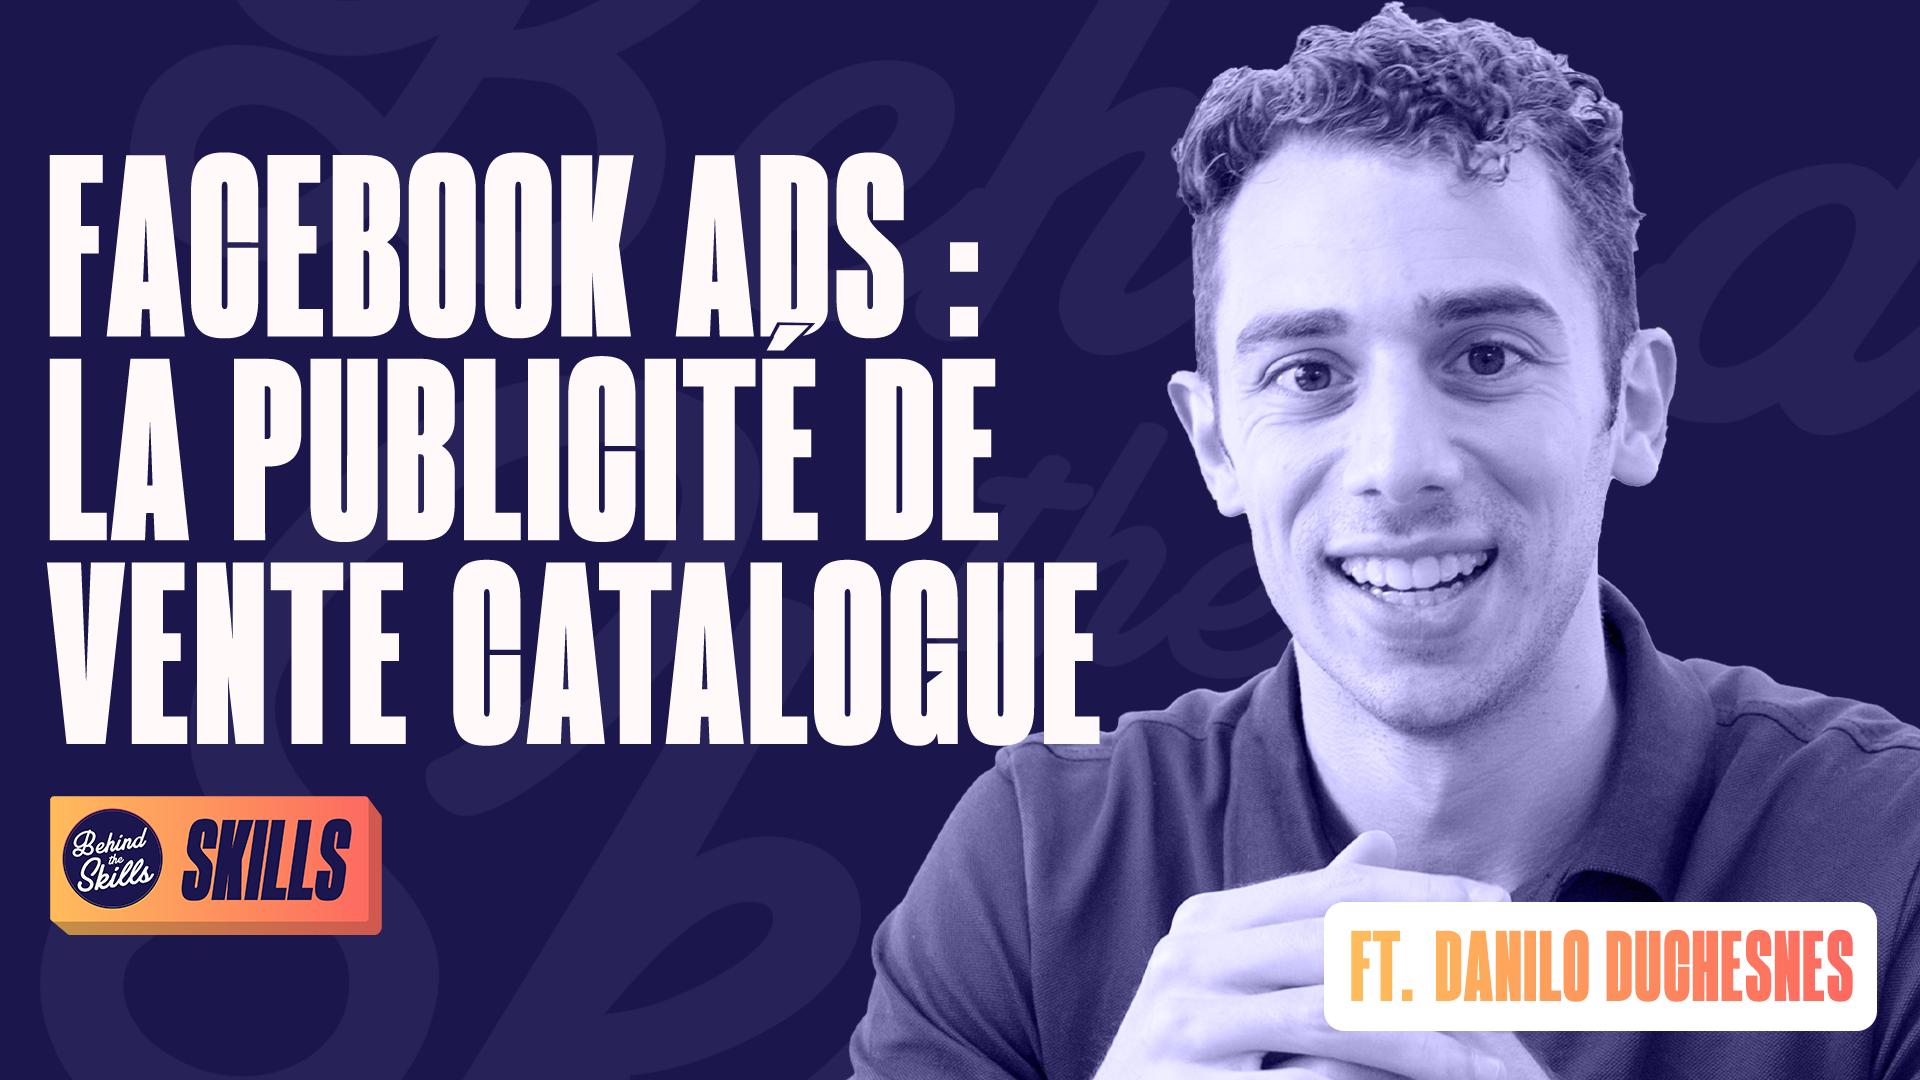 Facebook Ads : la publicité de vente catalogue